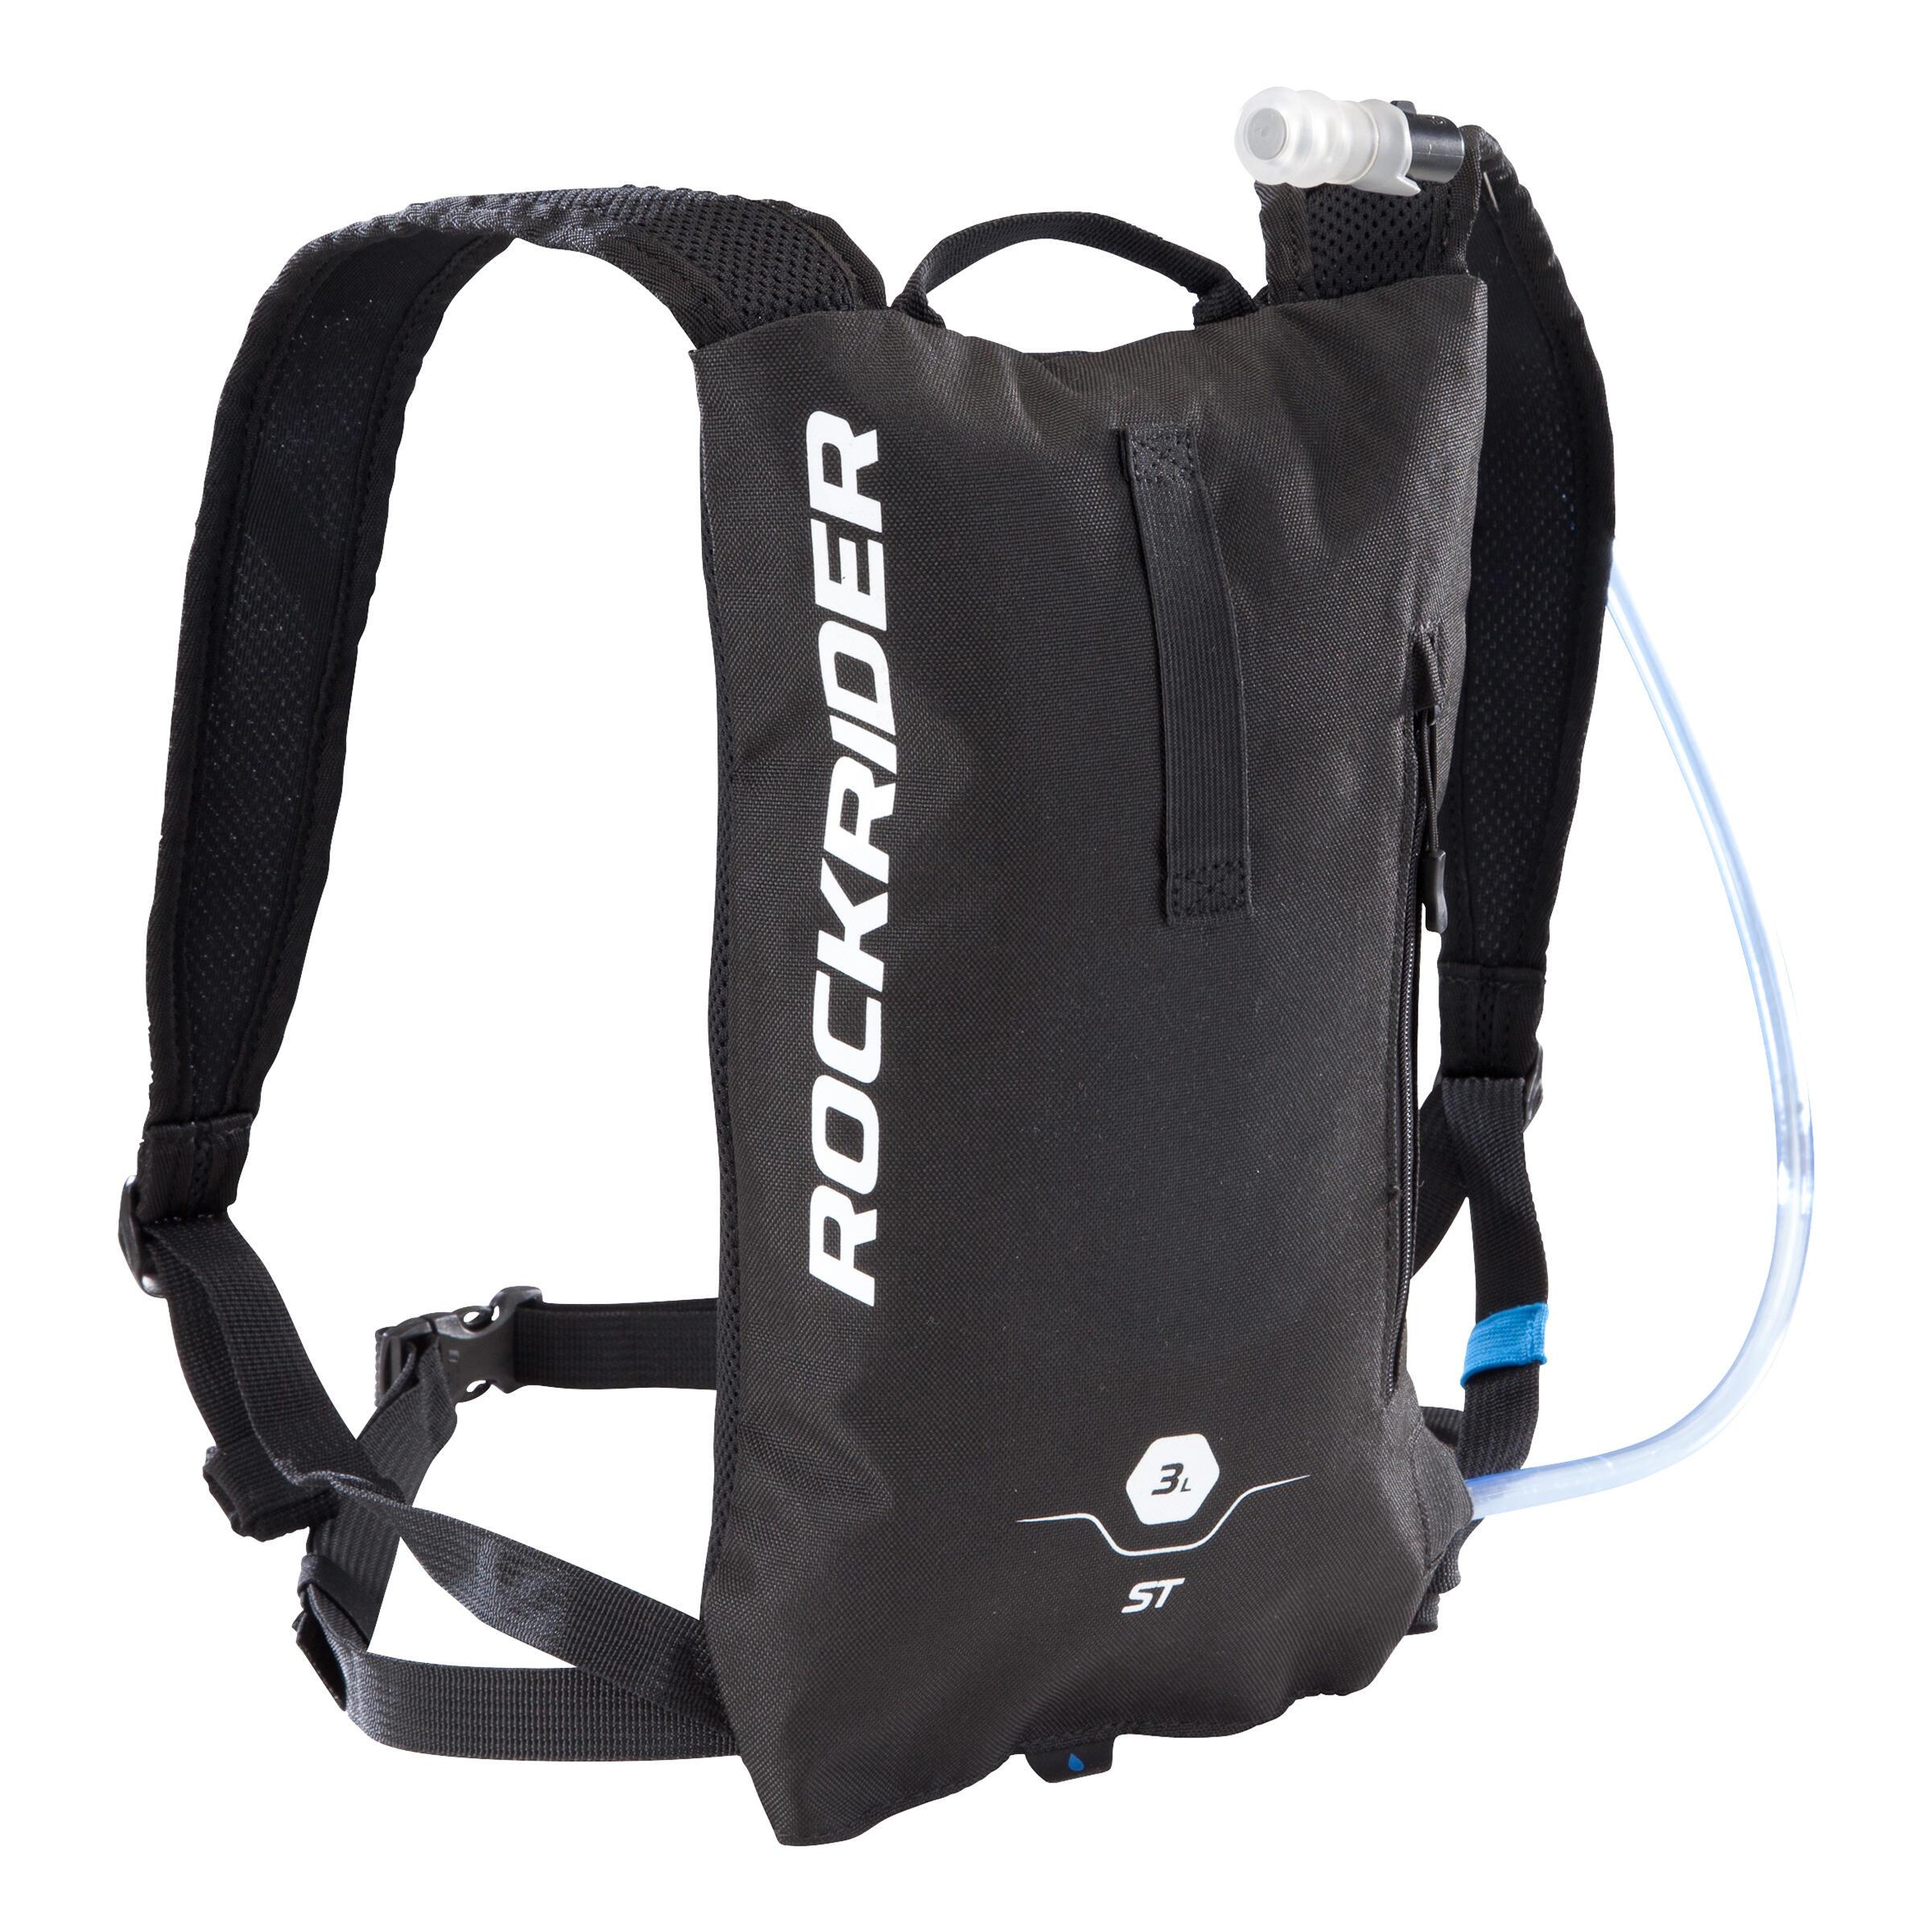 MTB-Trinkrucksack 100 3 Liter schwarz | Taschen > Rucksäcke > Sonstige Rucksäcke | Schwarz | Rockrider